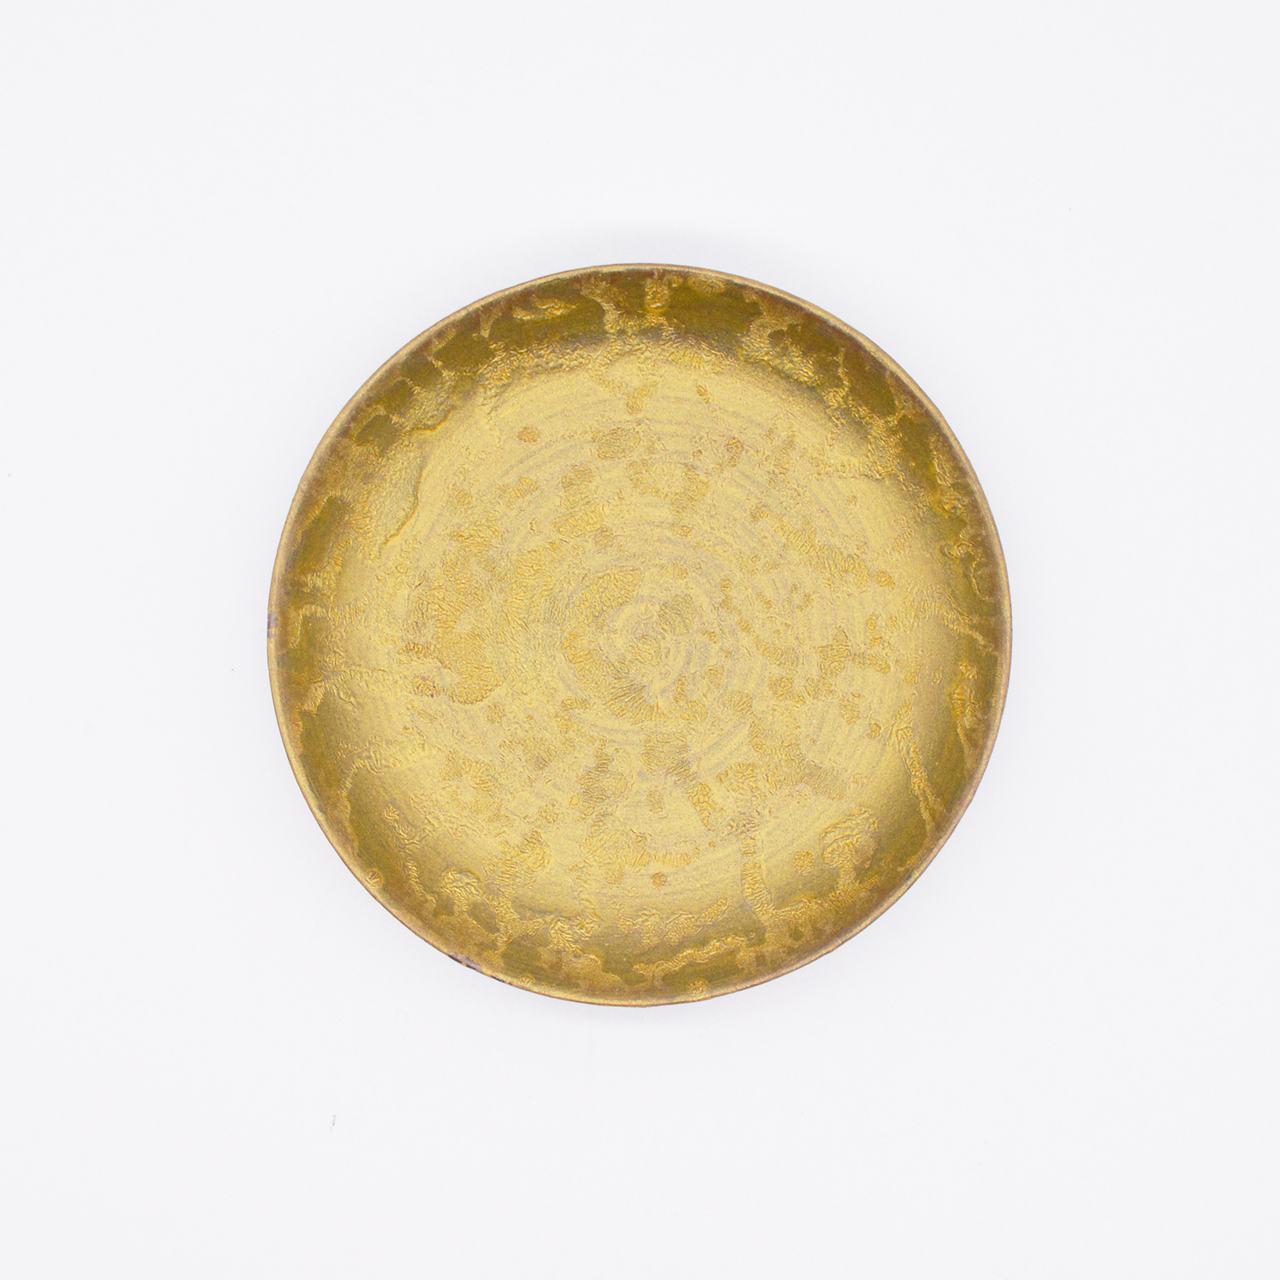 【限定1点 アウトレット品】有田焼 小皿 麟-Rin- ゴールド 252564 豆豆市024